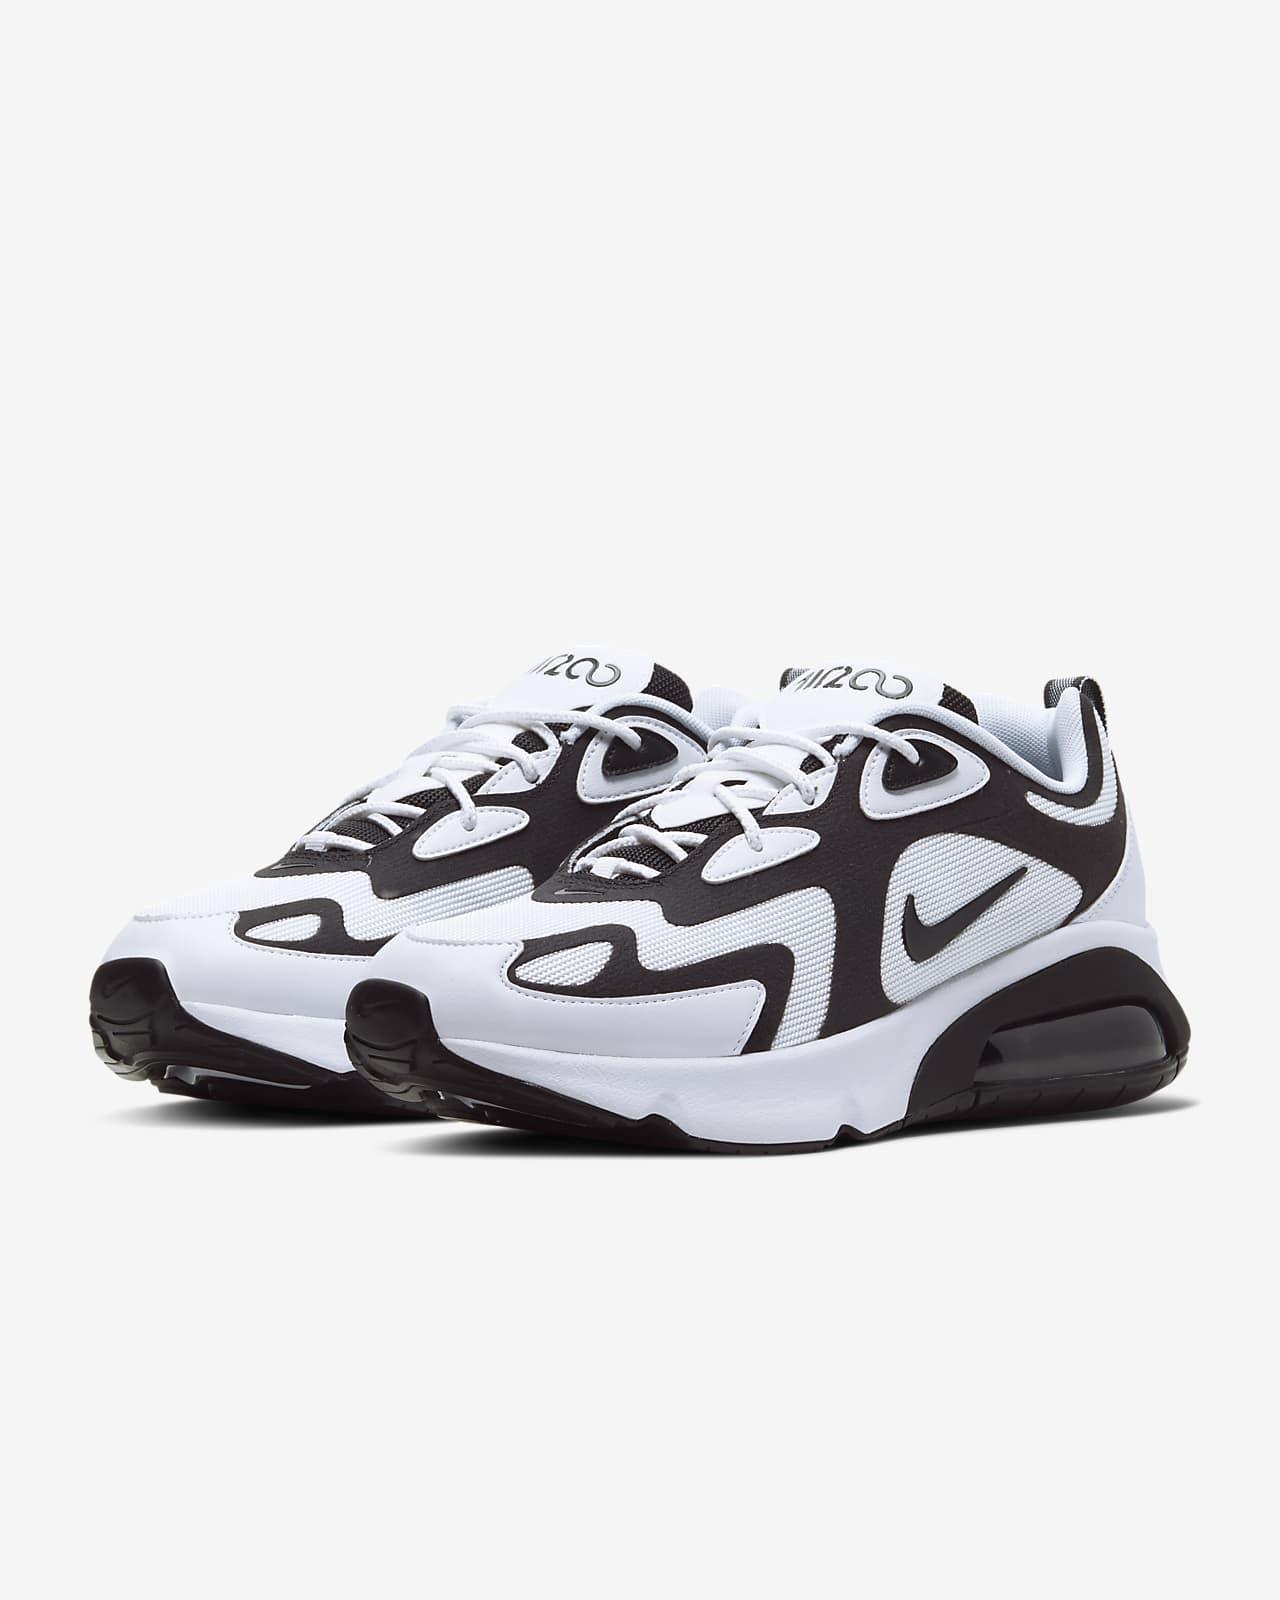 nike zapatos blanco y negro